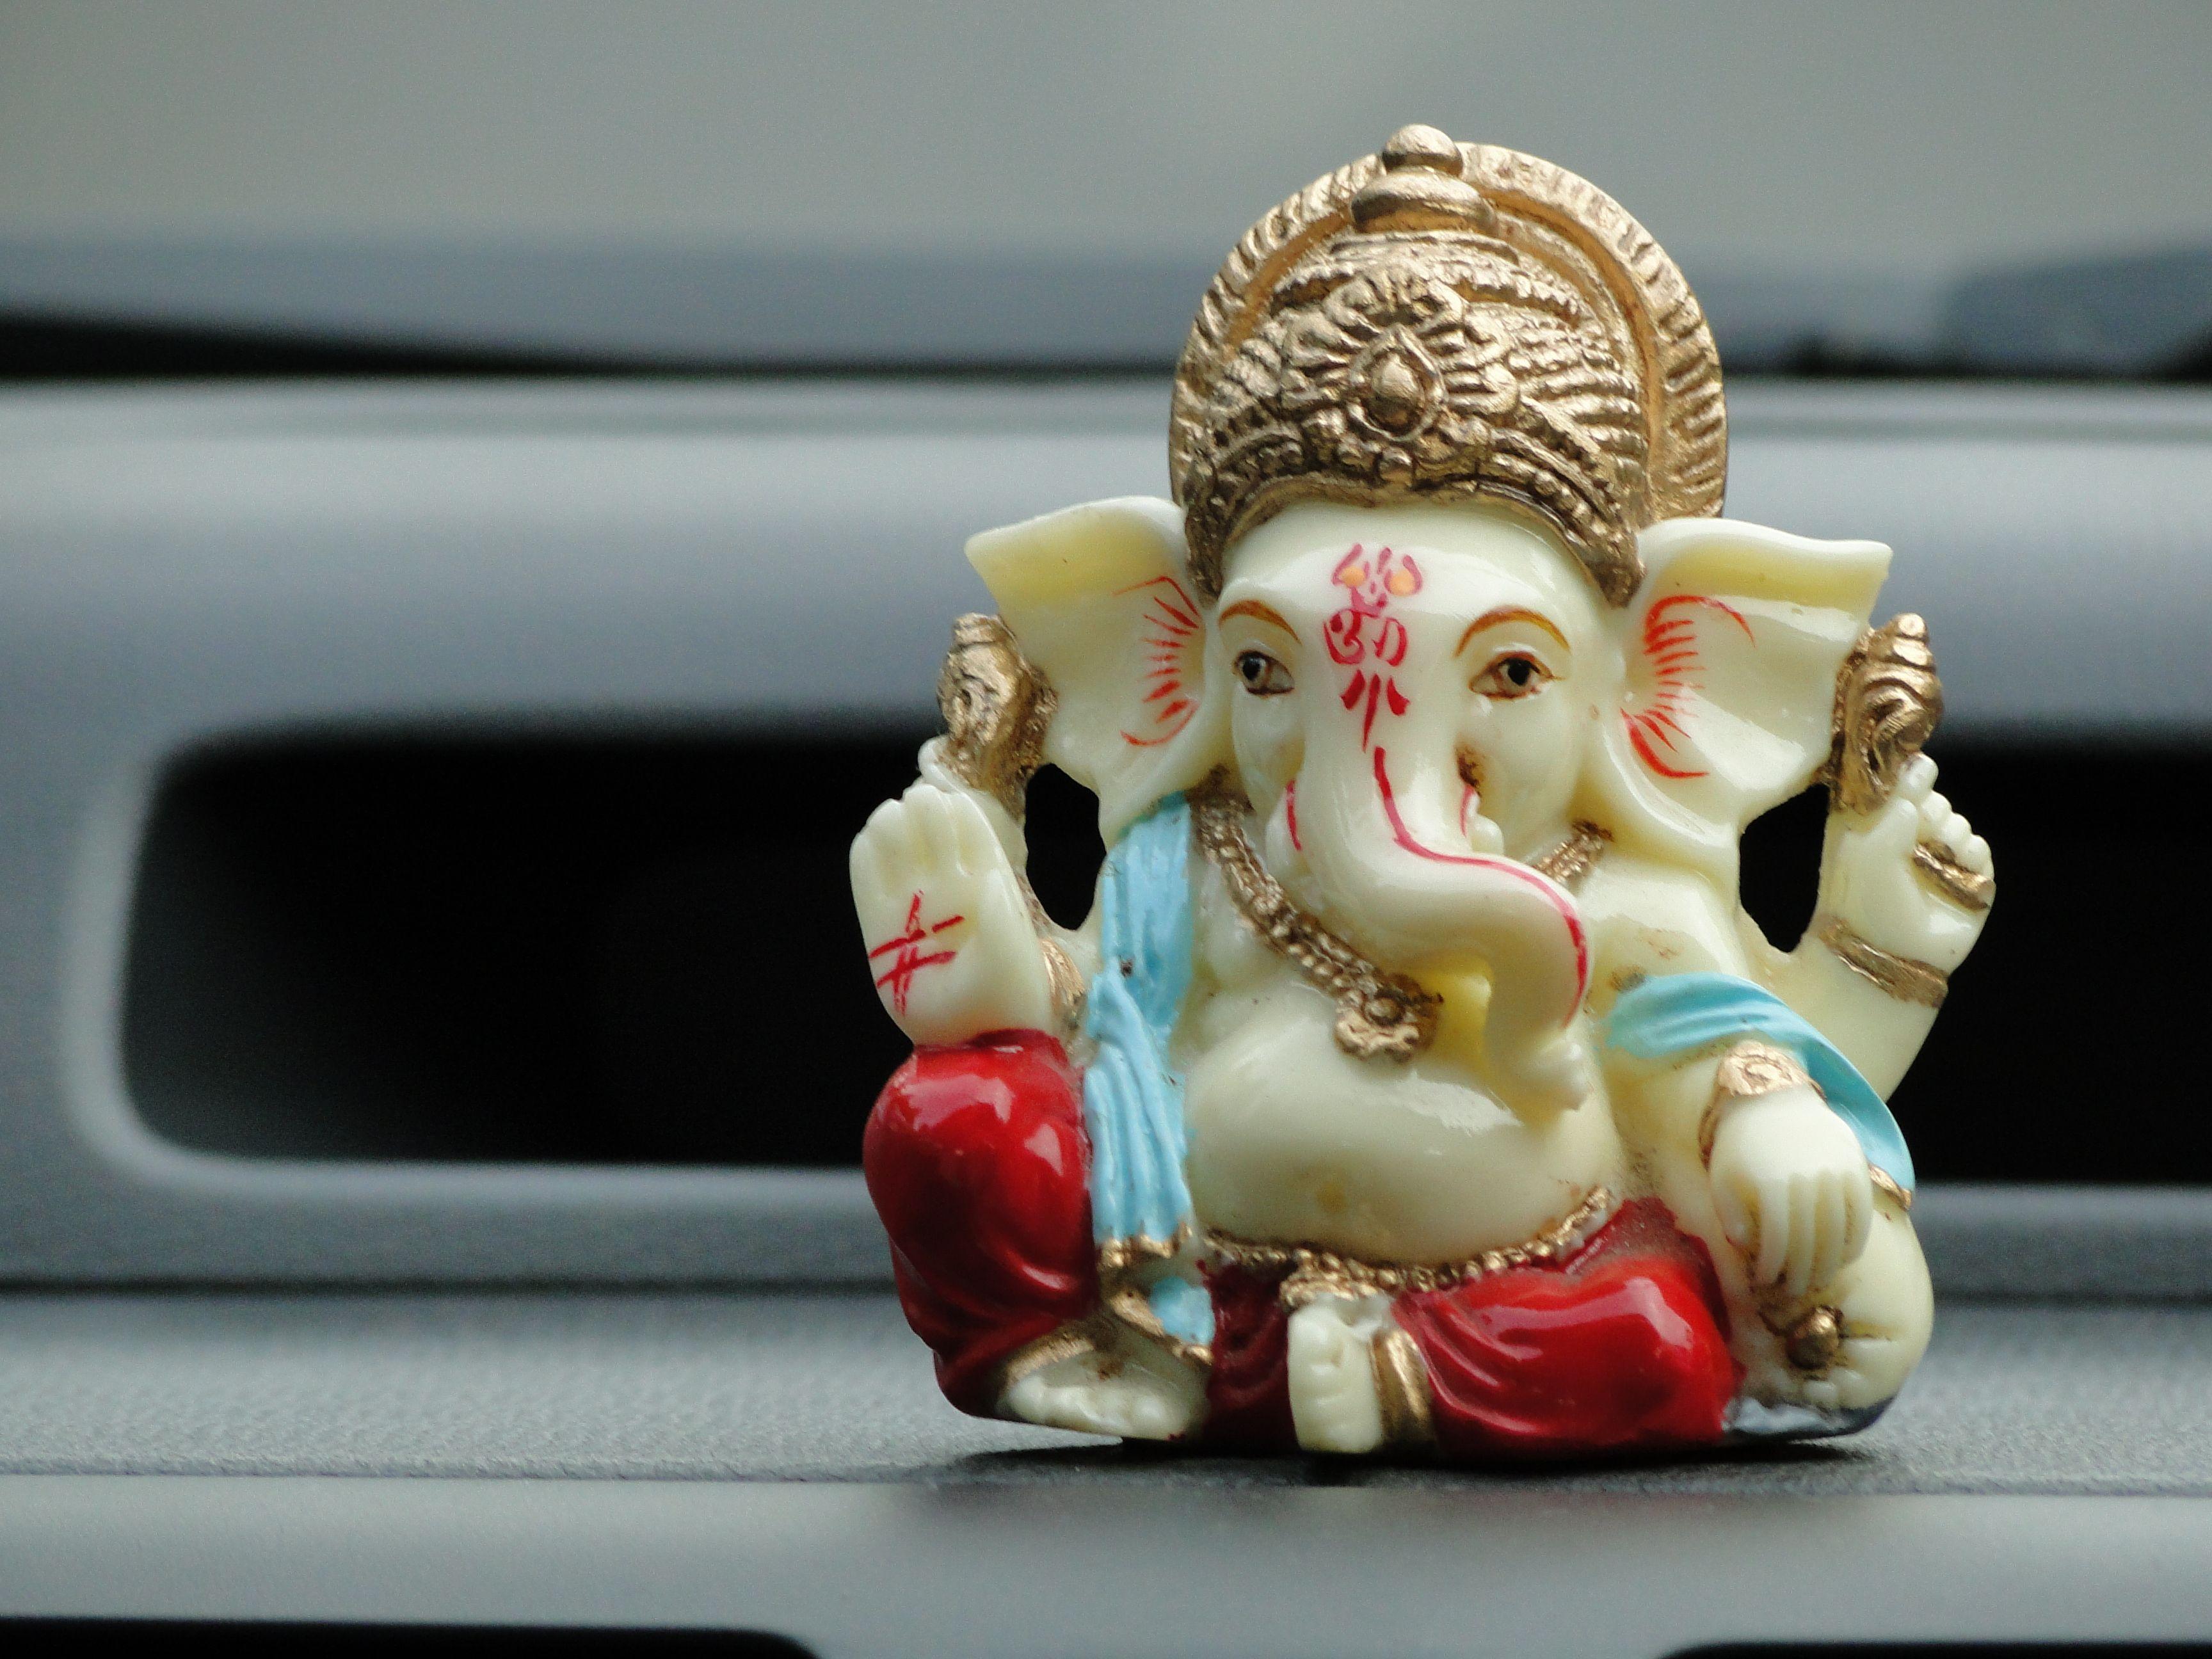 Unser Maskottchen, Ganesha - der Gott, der alle Schwierigkeiten aus dem Weg räumt